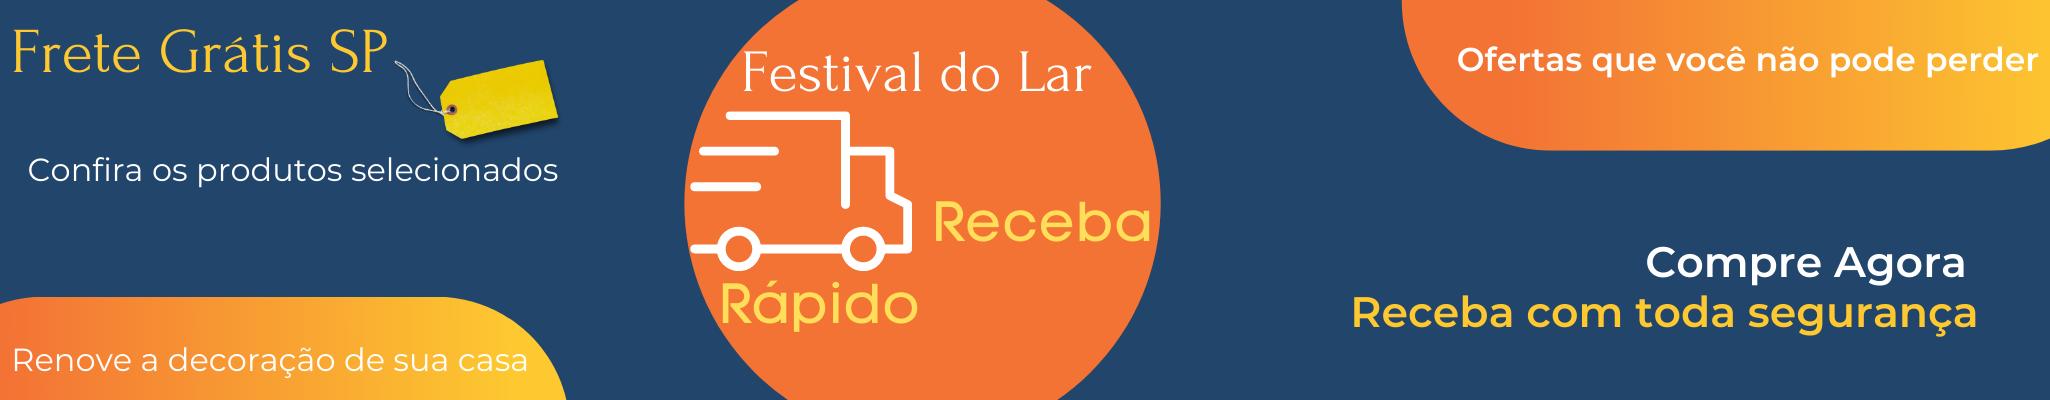 Festival Lar 2021